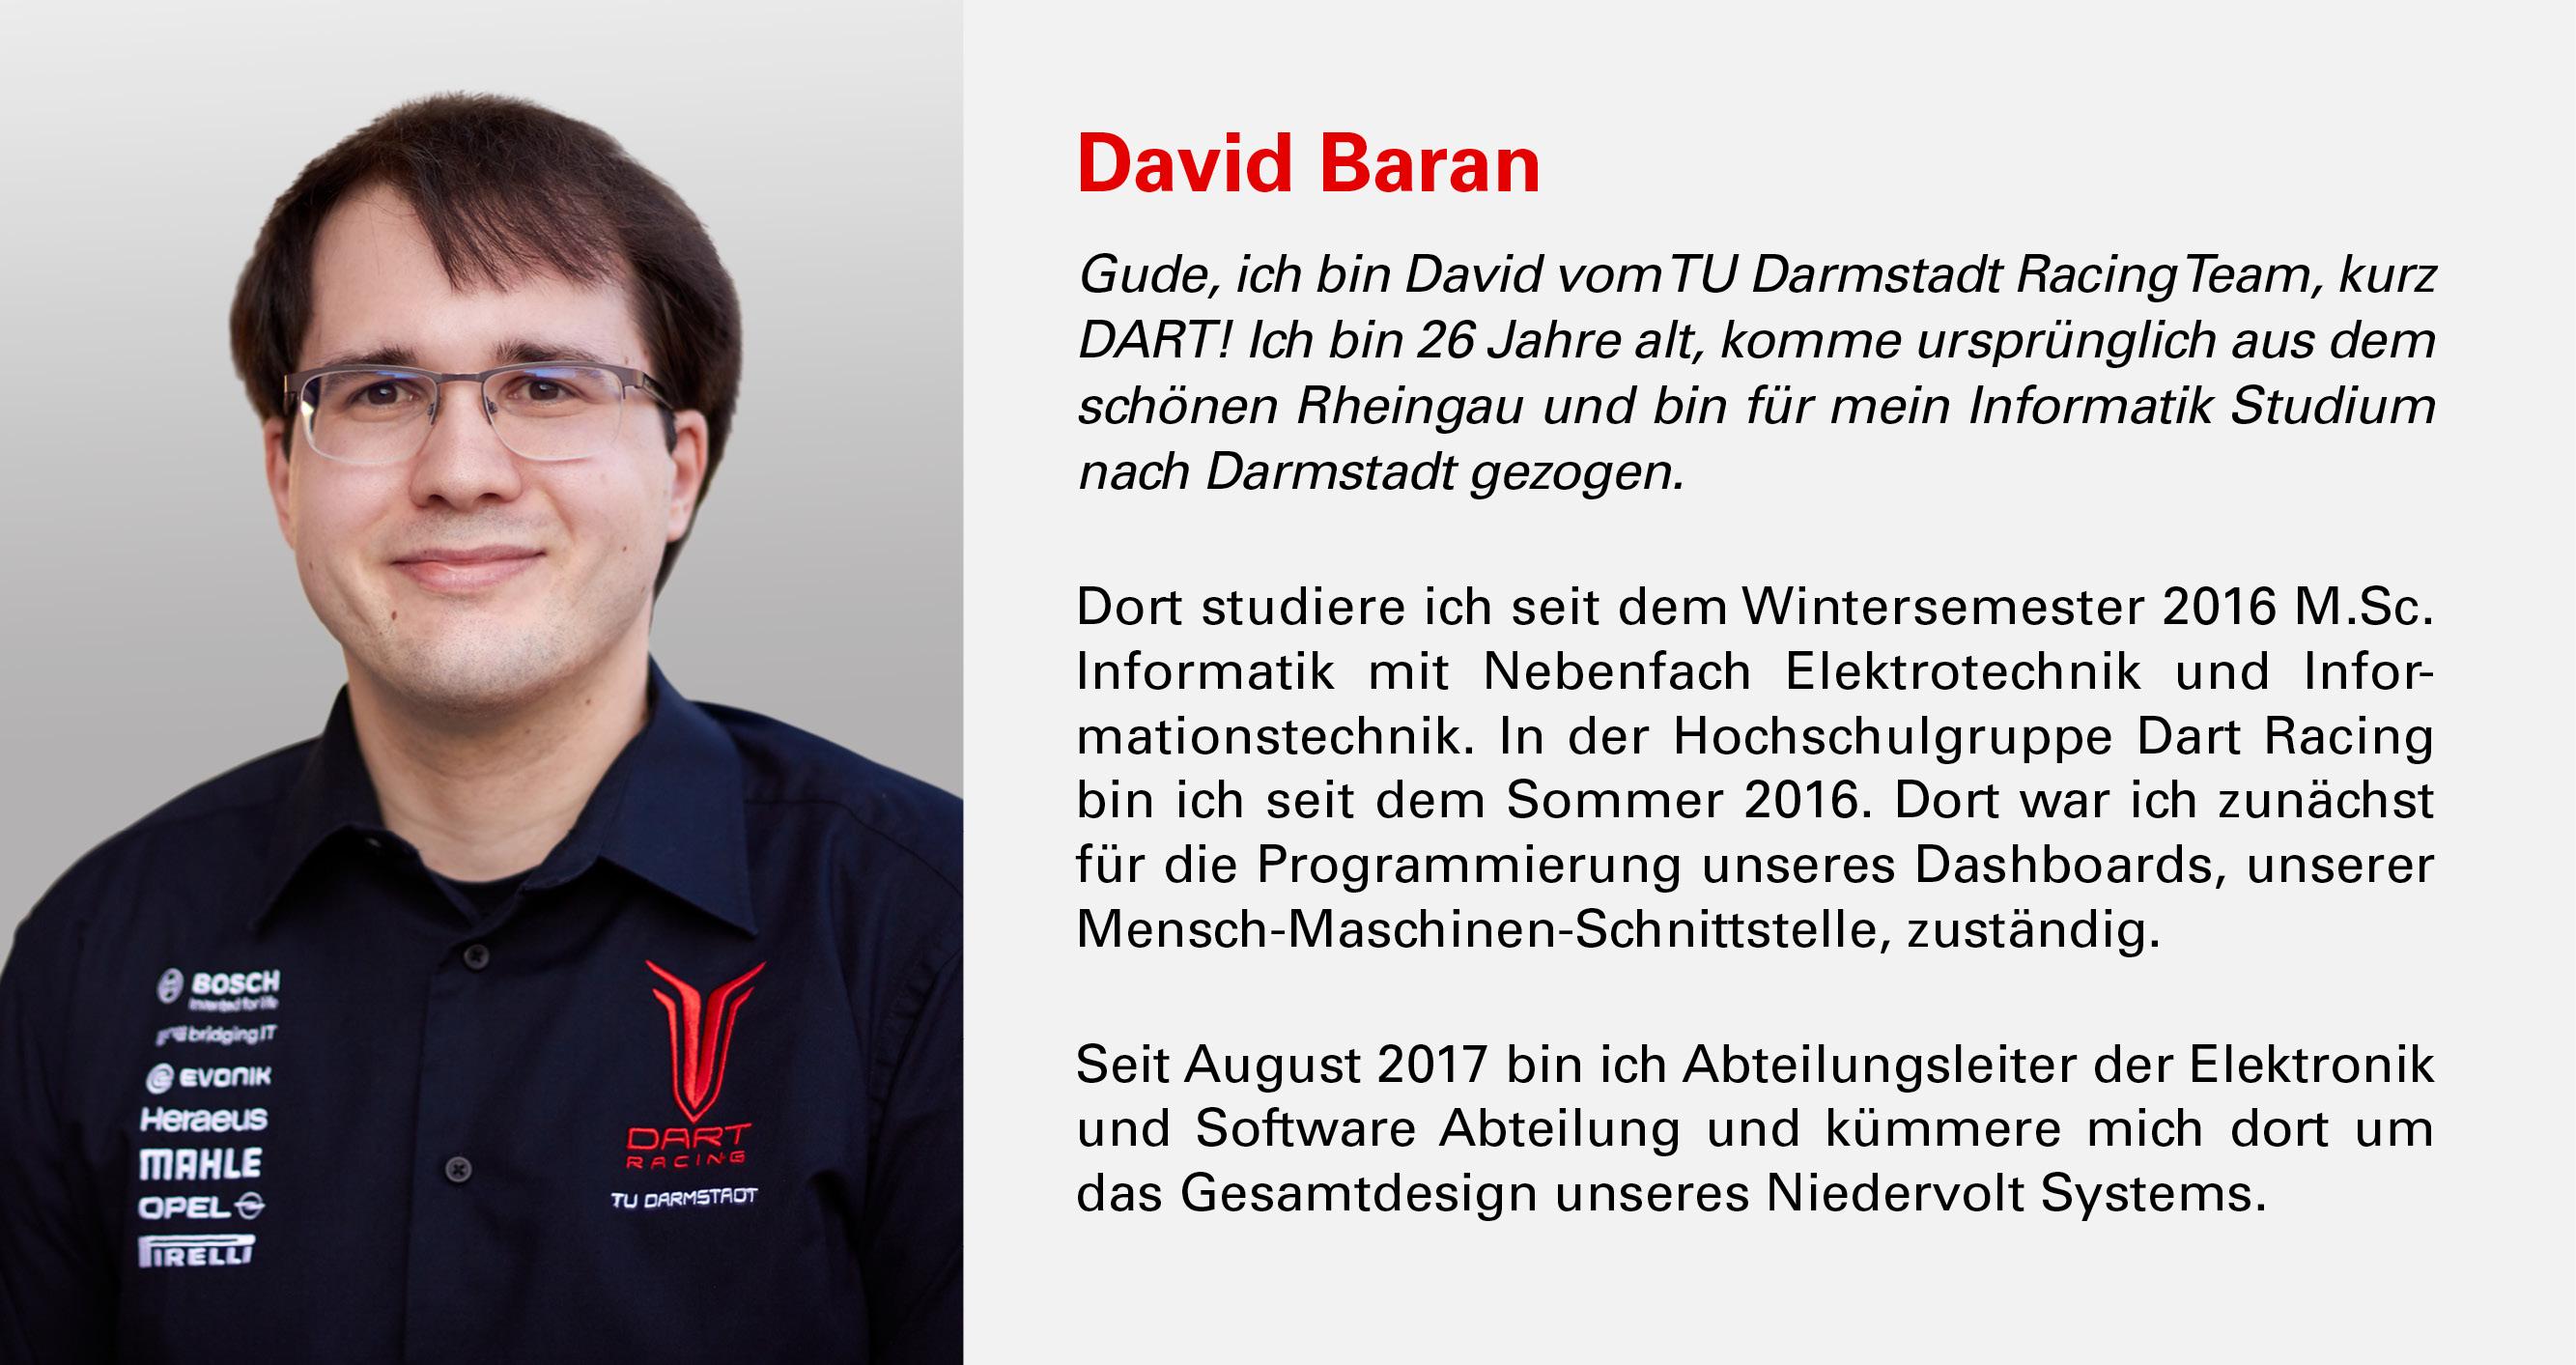 David Baran für Herth+Buss